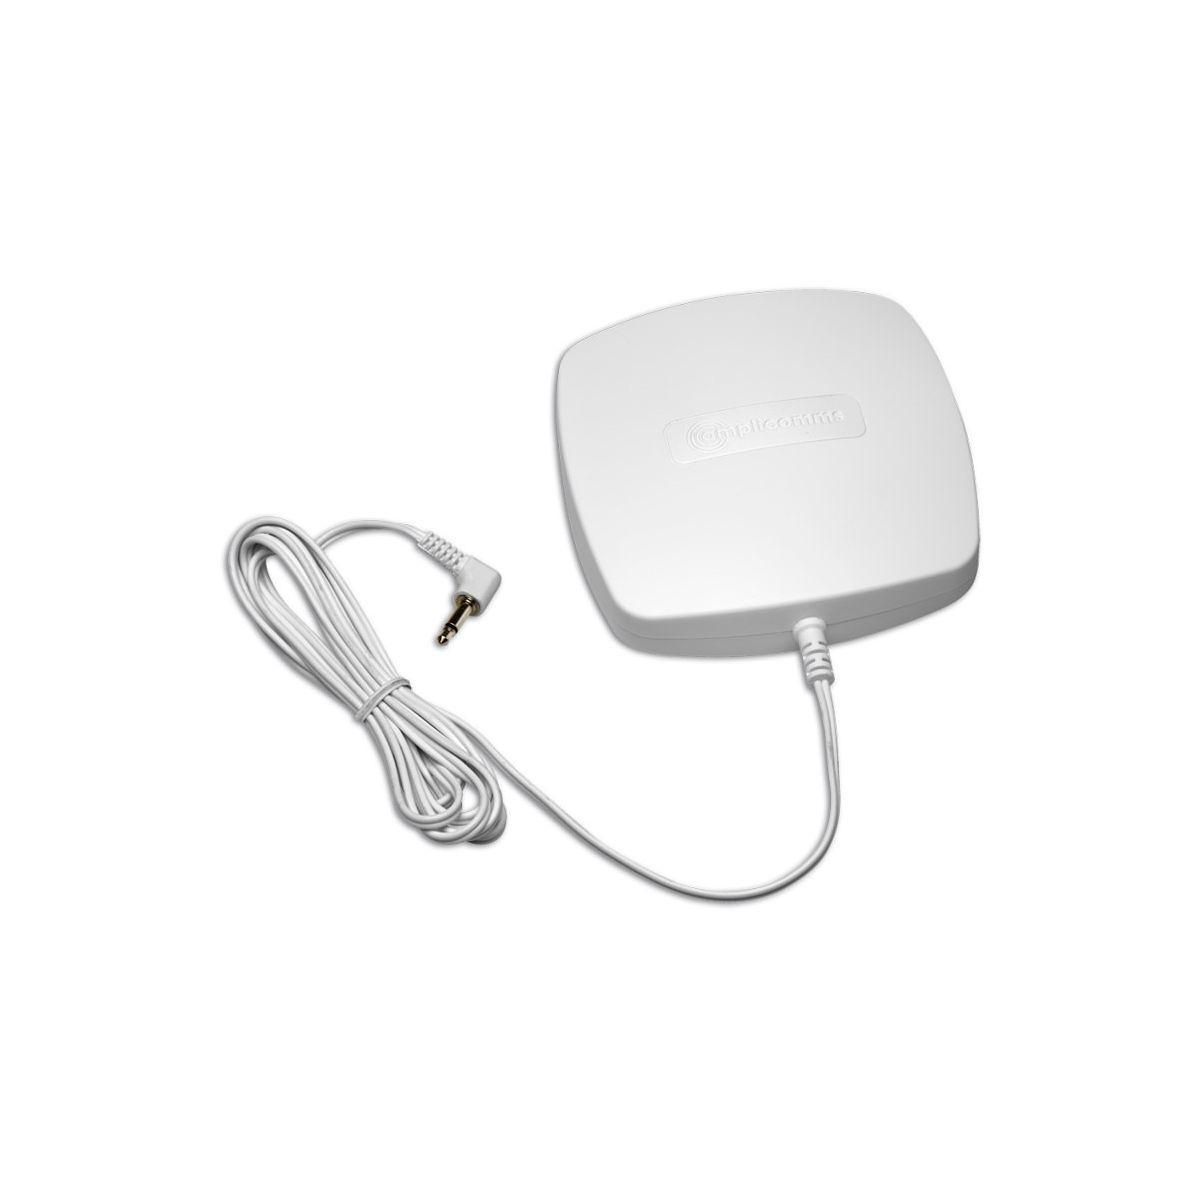 Accessoire aide auditive amplicomms ptv 110 - 2% de remise imm�diate avec le code : priv2 (photo)